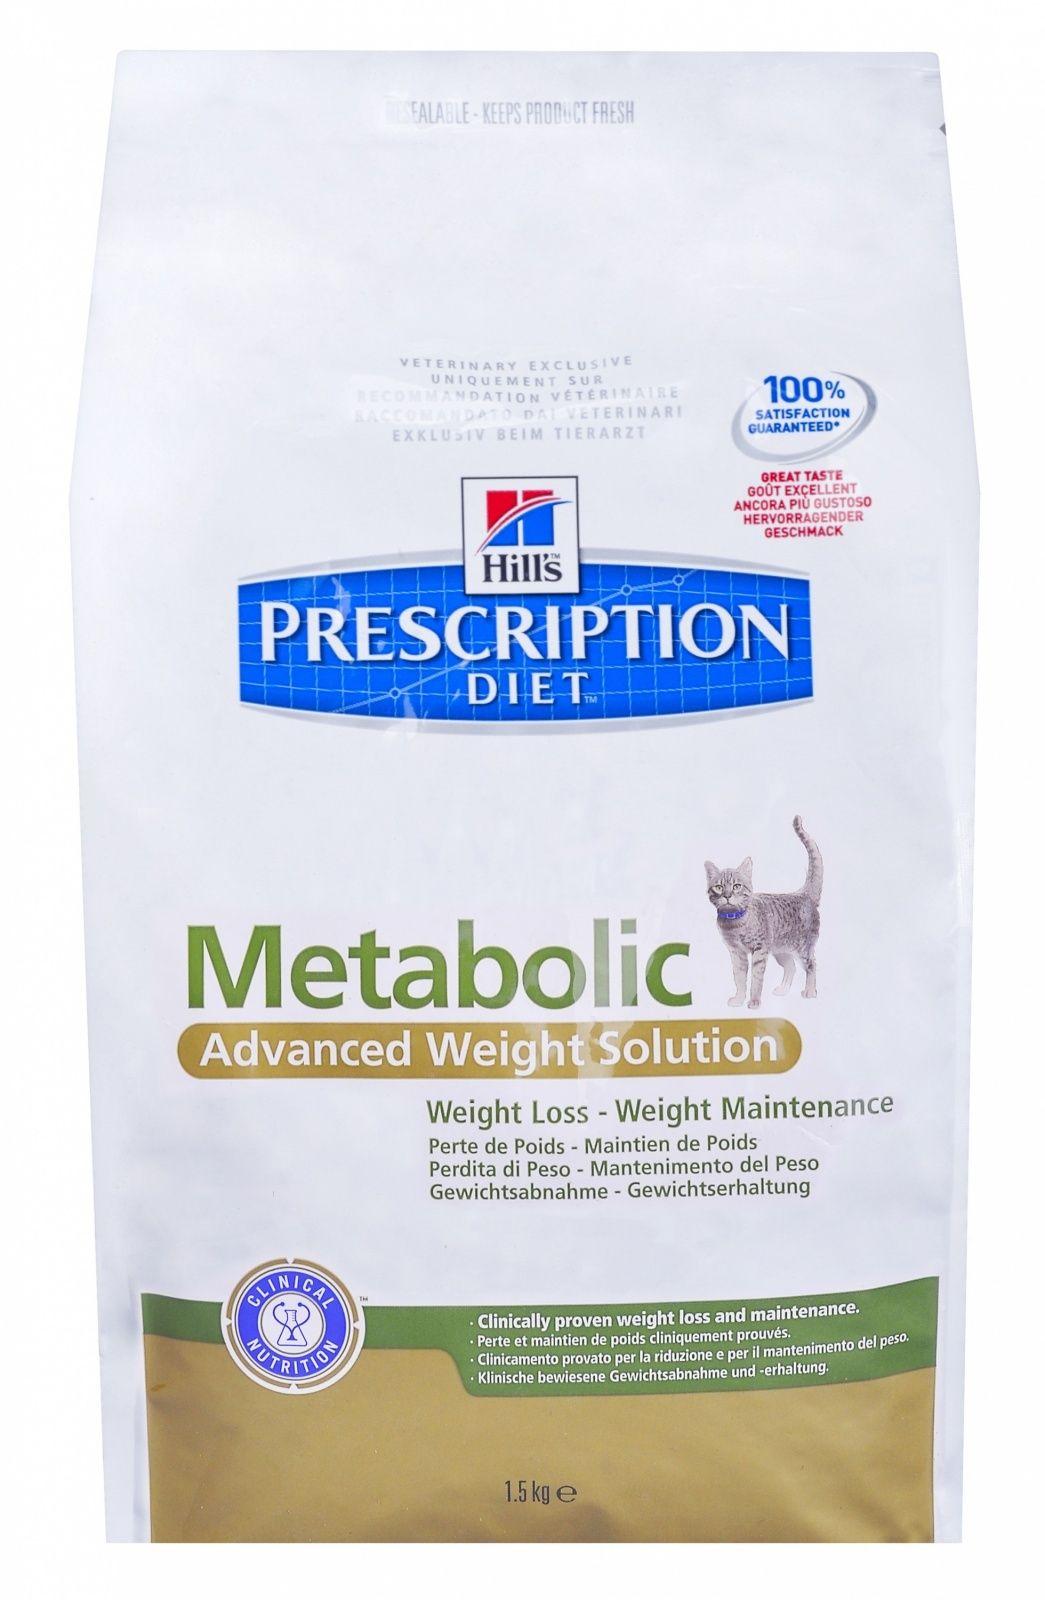 Диетический корм Hill's Metabolic для Кошек - Улучшение метаболизма (коррекция веса), 4кг от Ravta